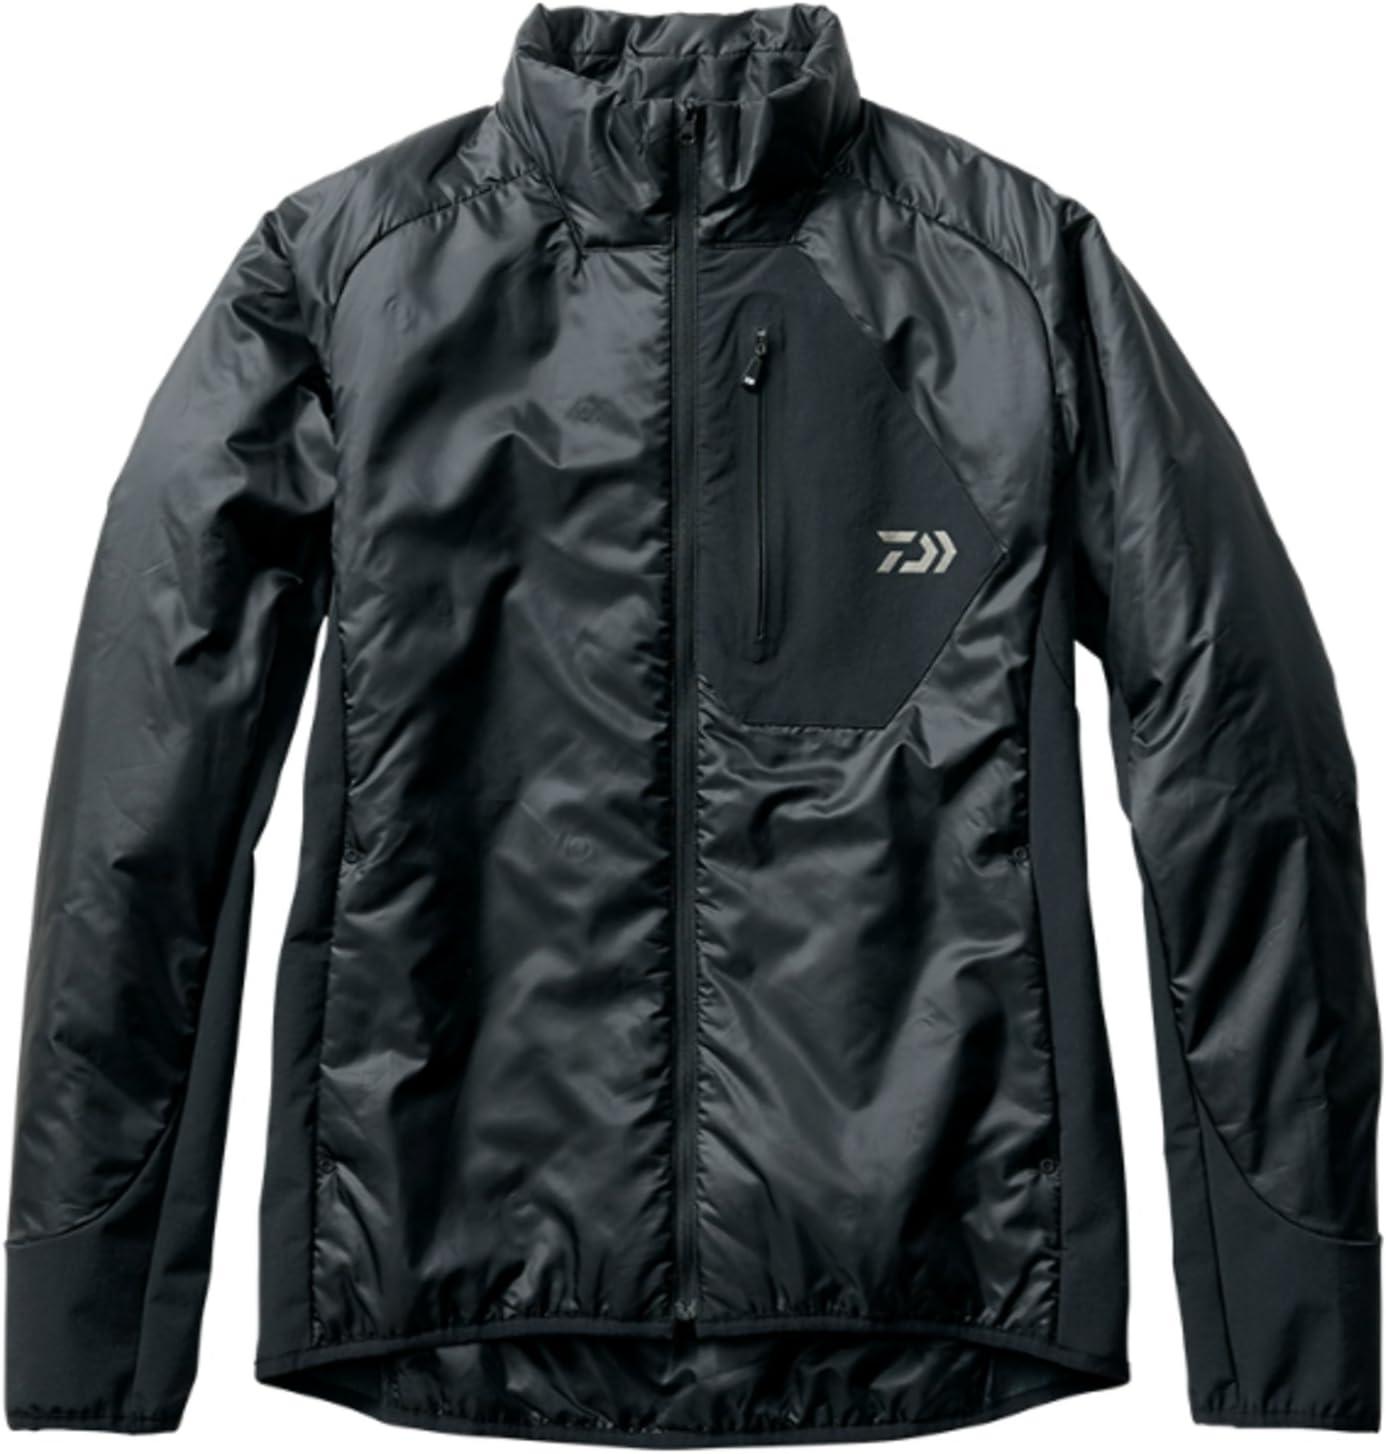 ダイワ(Daiwa) フィッシング ジャケット プリマロフト インナージャケット DJ-2407 ブラック L